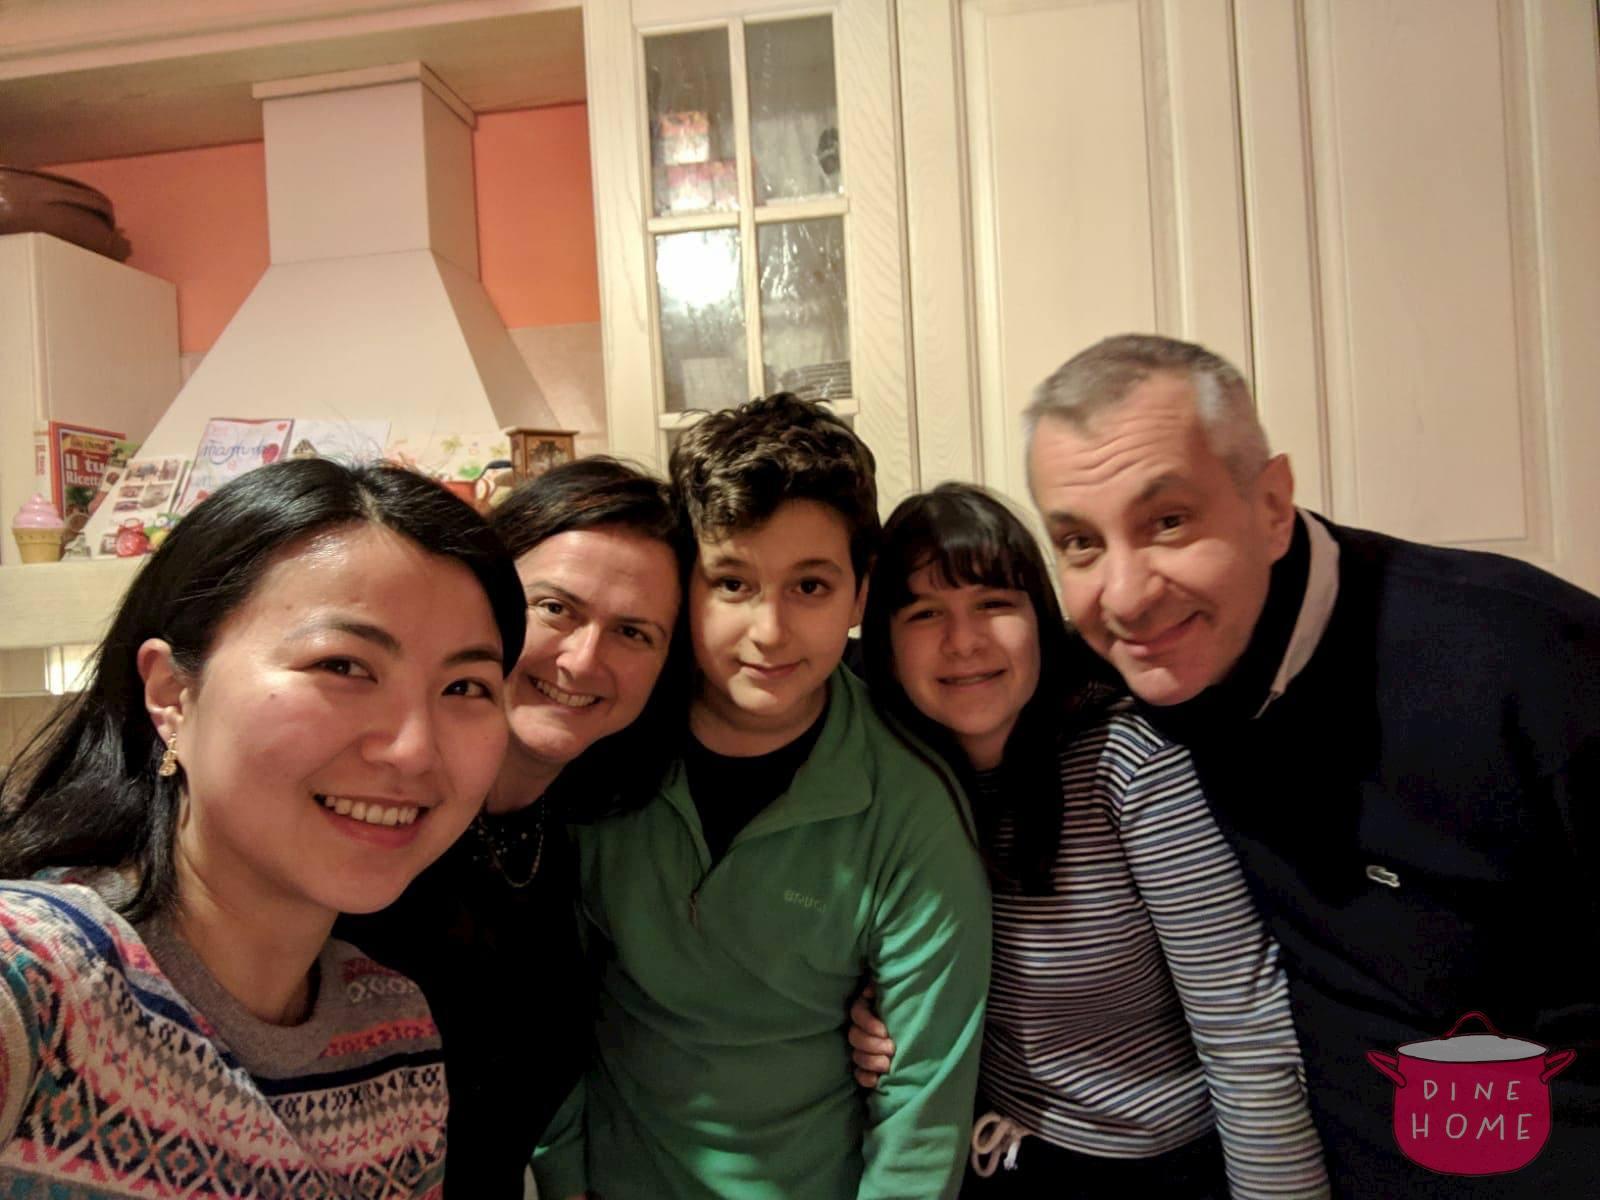 Yunnan, studentessa da UK, a cena dalla sua famiglia Dinehome.